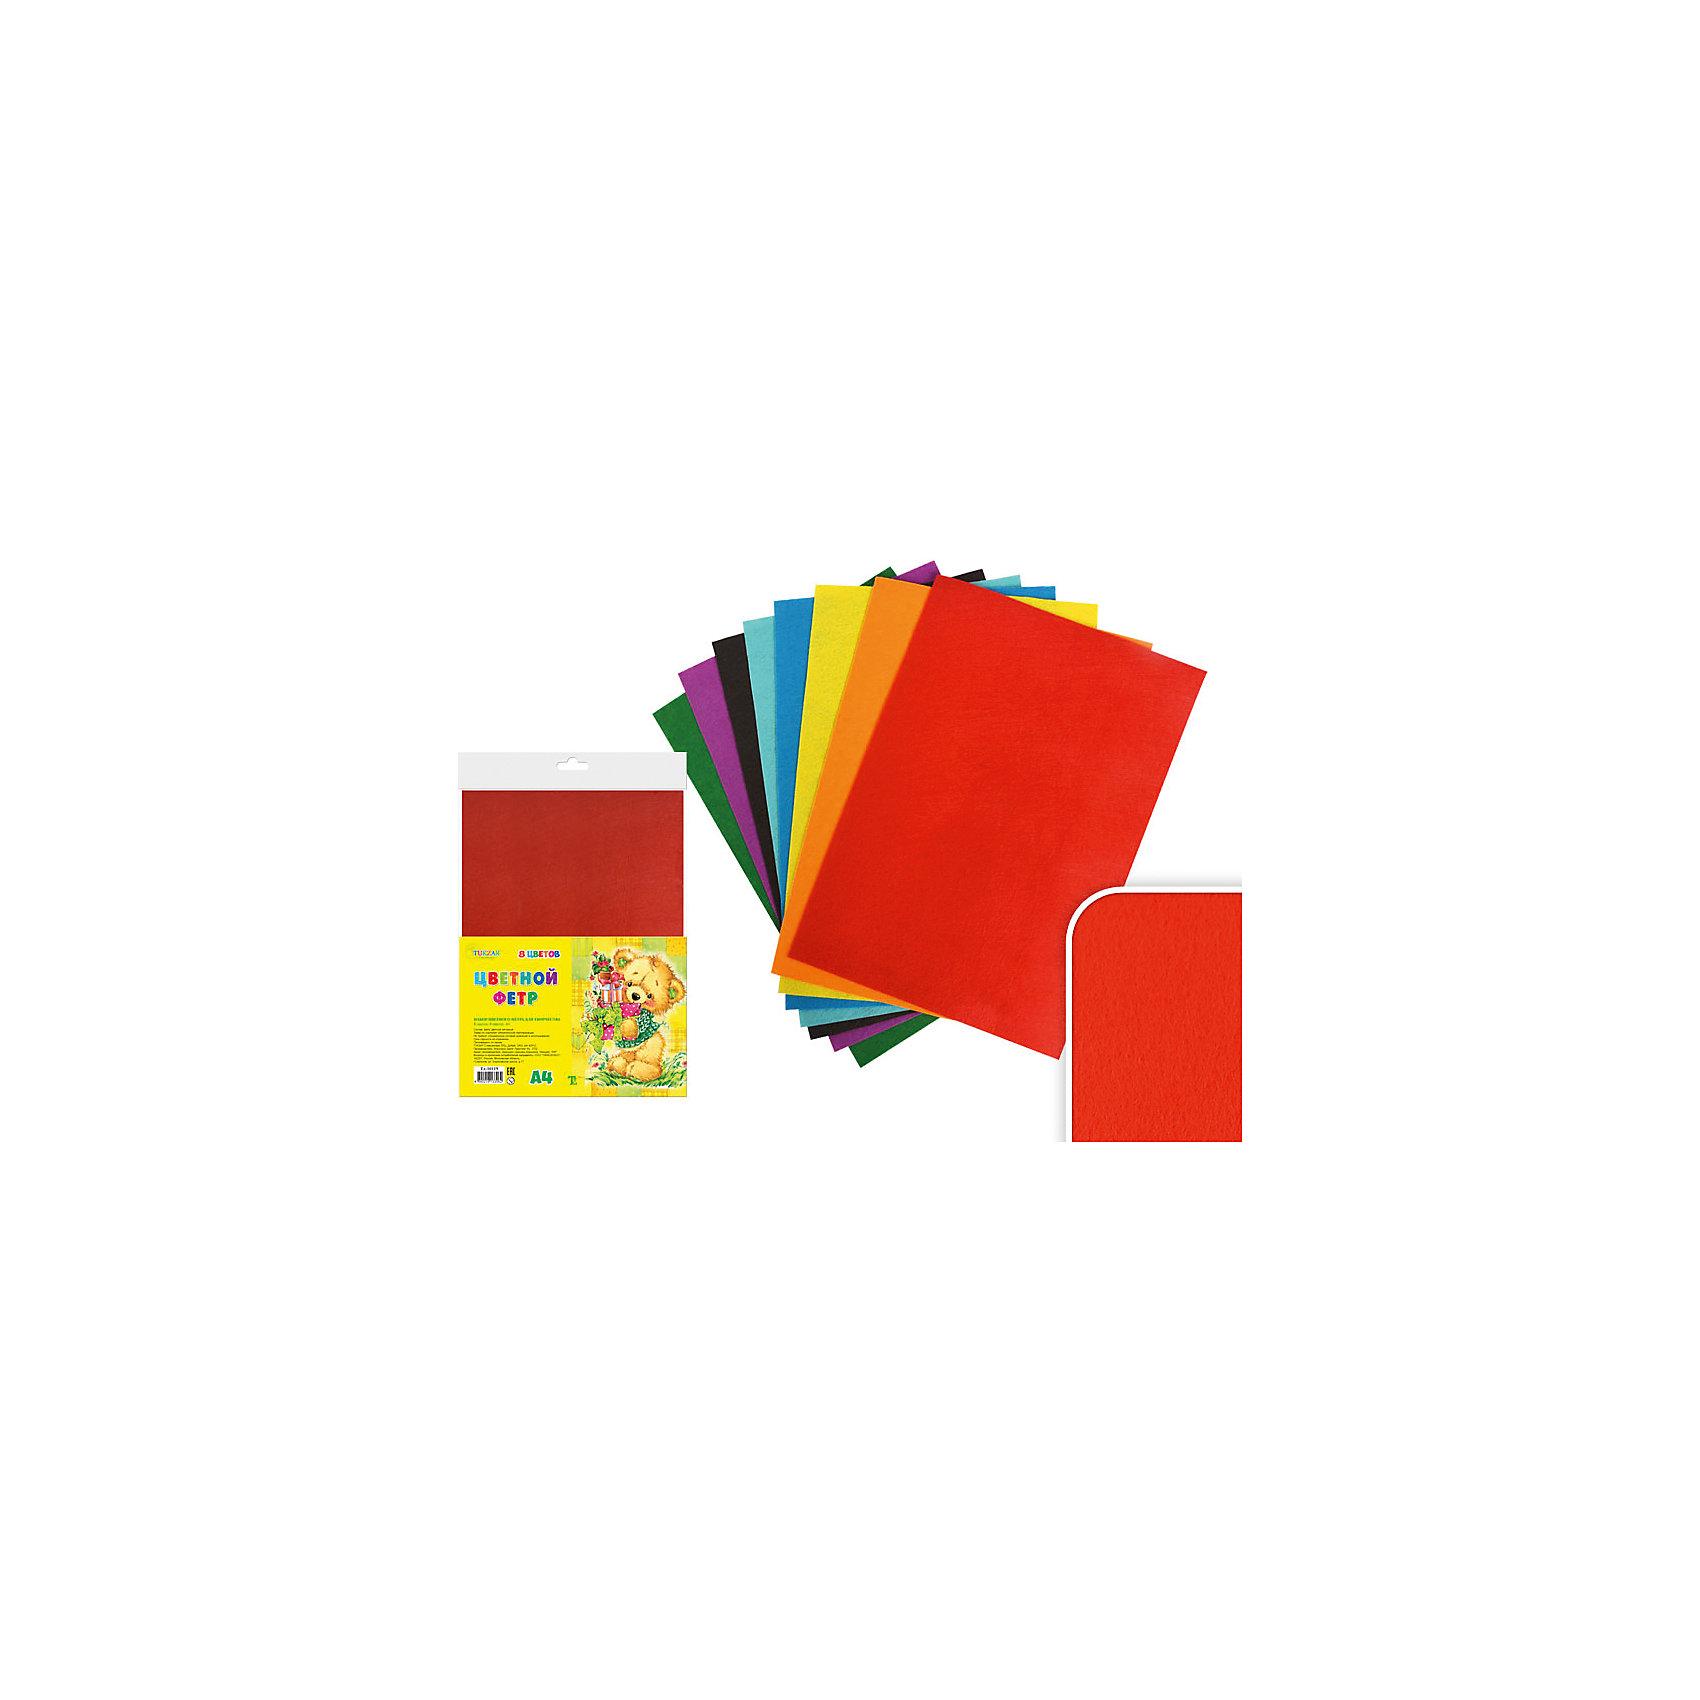 Набор цветного фетра А4 (8 листов, 8 цветов)Набор цветного фетра подойдет для различных аппликаций, позволит ребенку в полной мере выразить себя в творческой деятельности. Фетр - яркий, приятный на ощупь, легко приклеивается. <br><br>Дополнительная информация:<br><br>- Материал: фетр.<br>- Формат листа: А4.<br>- 8 листов в комплекте.<br>- 8 цветов. <br><br>Набор цветного фетра А4 (8 листов, 8 цветов) можно купить в нашем магазине.<br><br>Ширина мм: 305<br>Глубина мм: 212<br>Высота мм: 5<br>Вес г: 100<br>Возраст от месяцев: 36<br>Возраст до месяцев: 2147483647<br>Пол: Унисекс<br>Возраст: Детский<br>SKU: 4558405